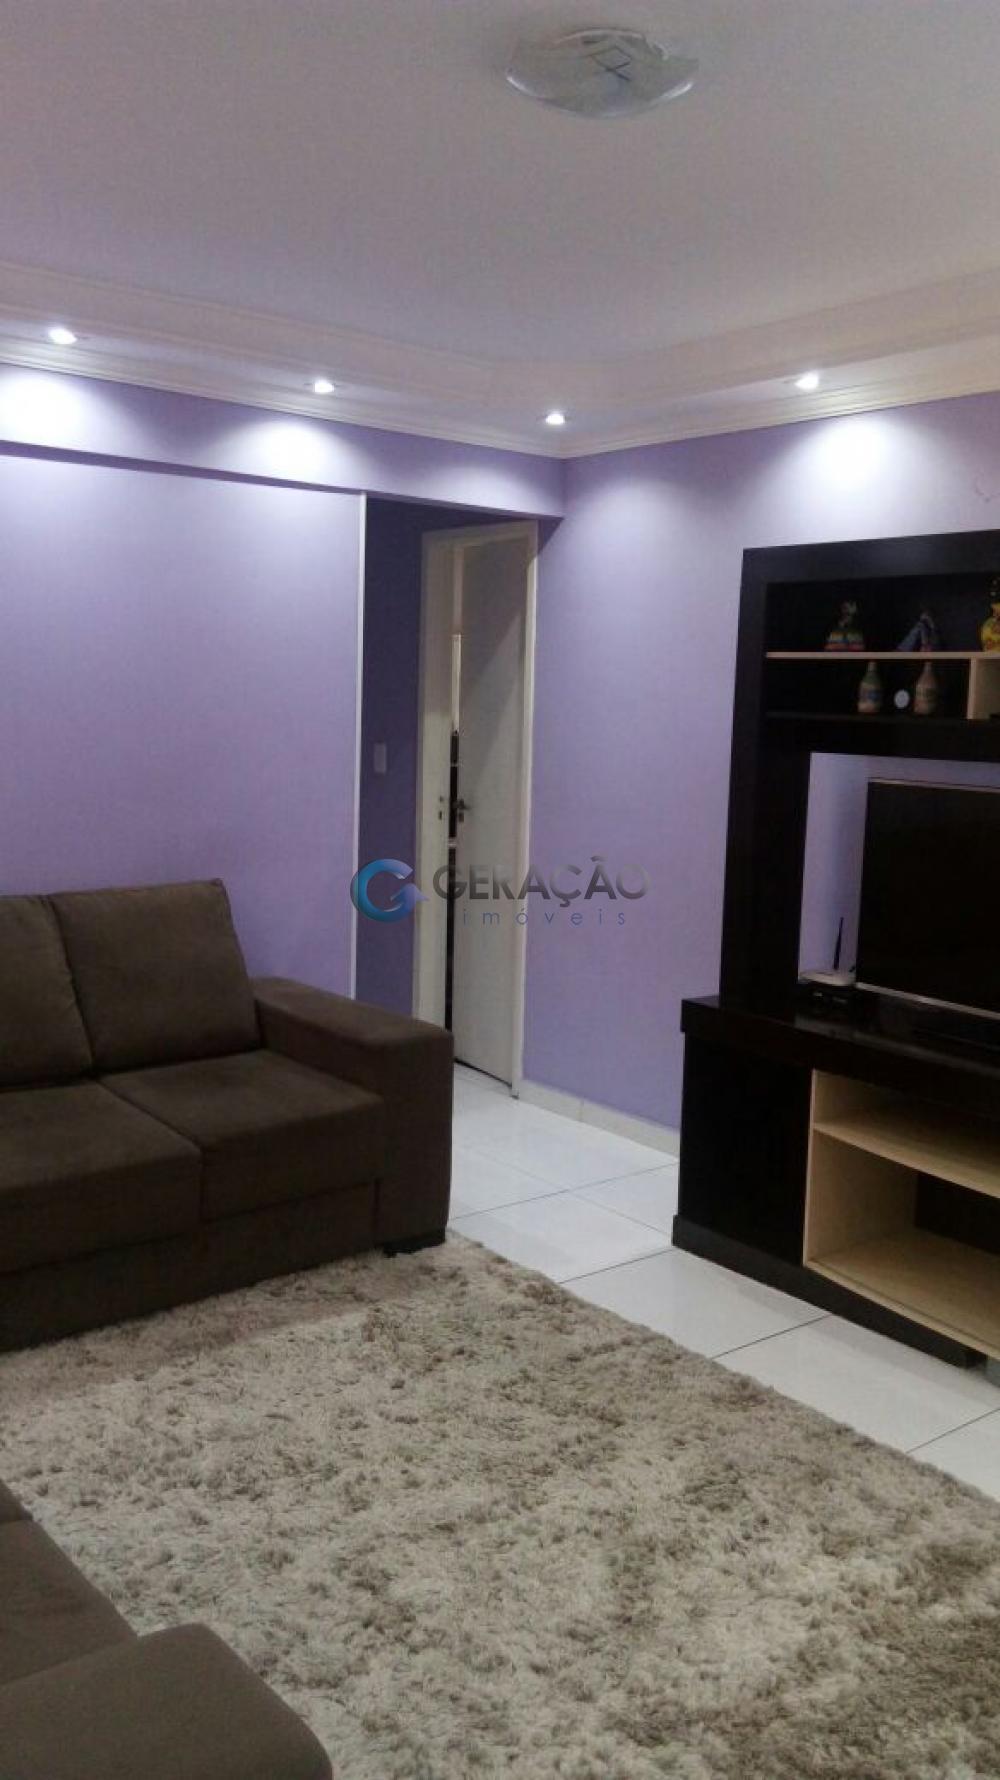 Comprar Apartamento / Padrão em São José dos Campos R$ 185.000,00 - Foto 2